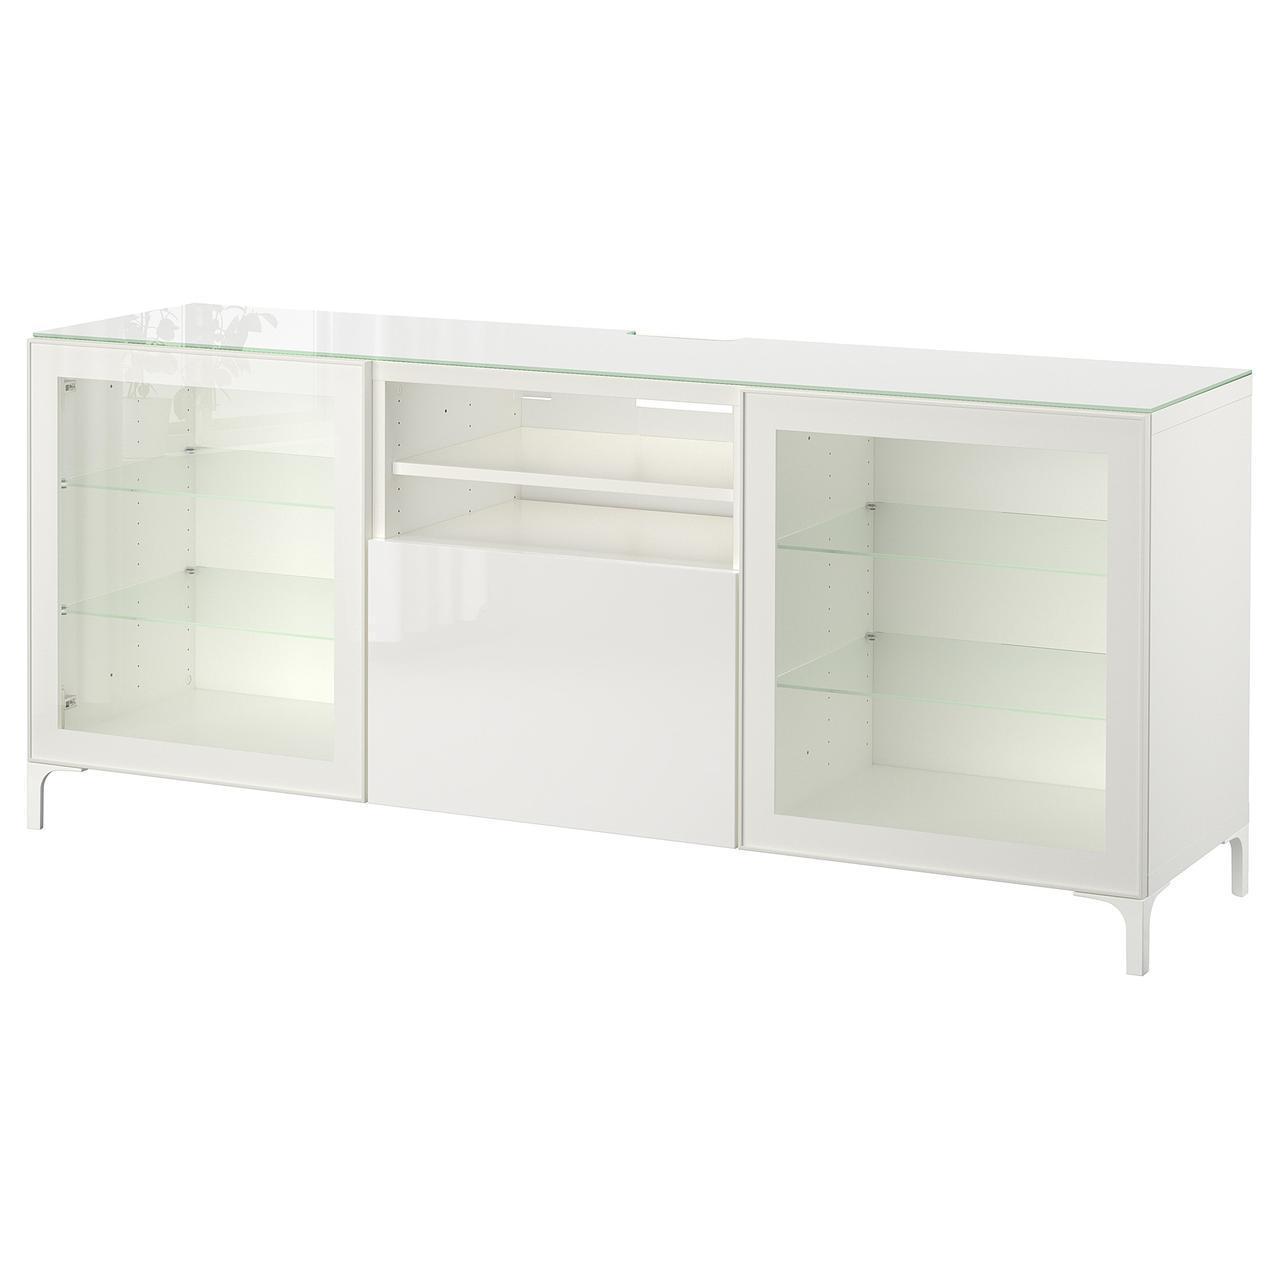 IKEA BESTA Тумба под телевизор, белый, Сельсвикен глянцевый/белый прозрачное стекло  (891.967.82)